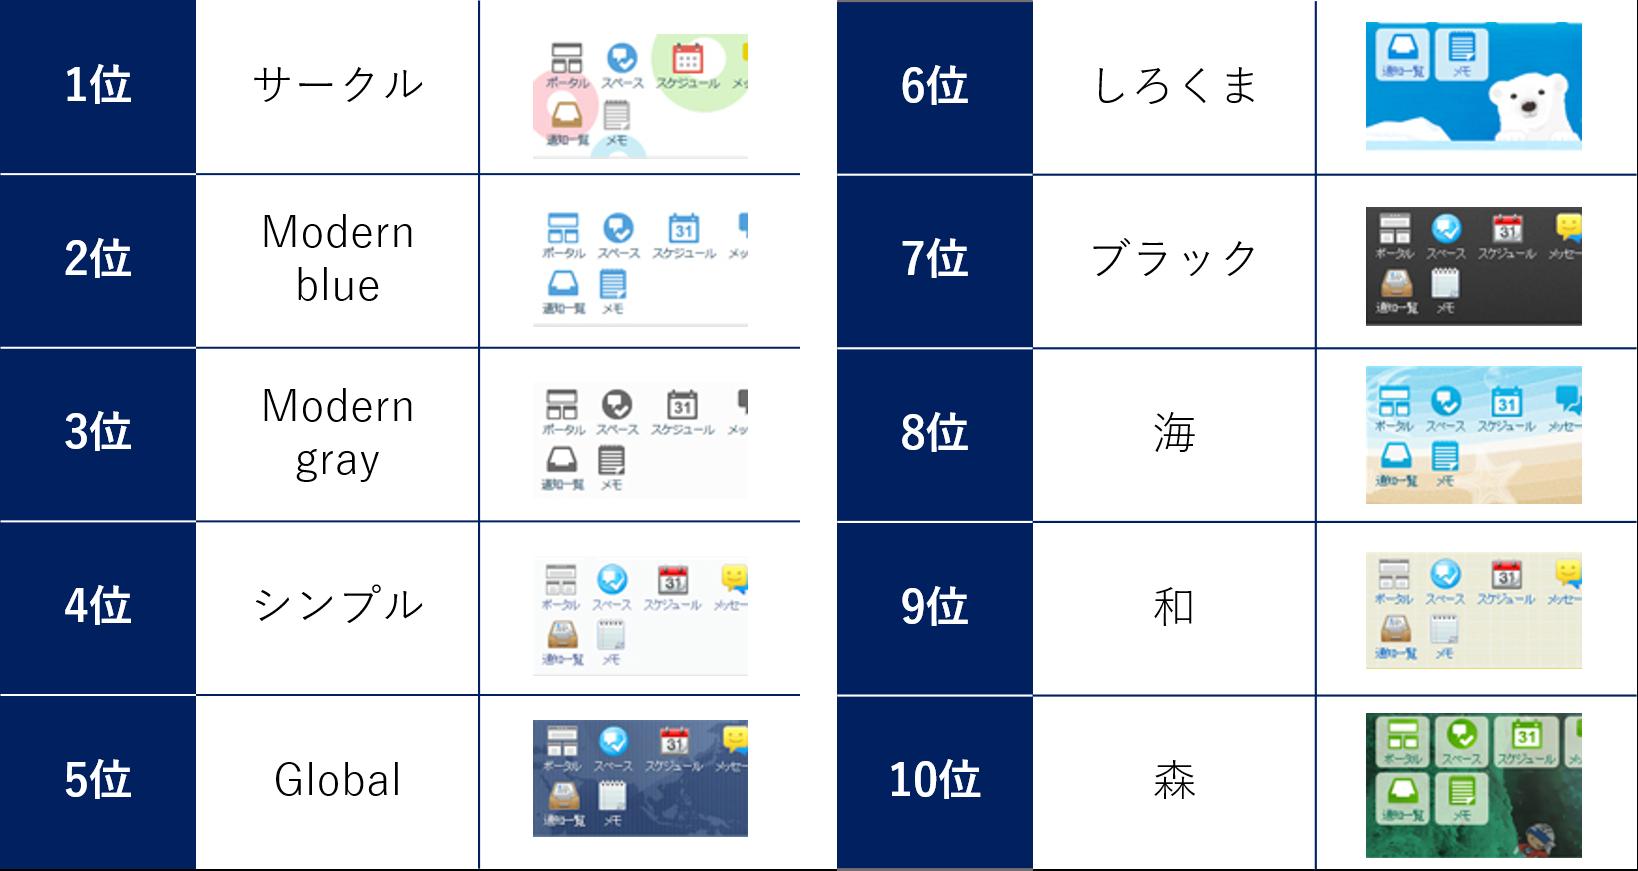 https://enterprise.cybozu.co.jp/cdc147699a654389b38f6e5f0c4b99e30f327bd0.png